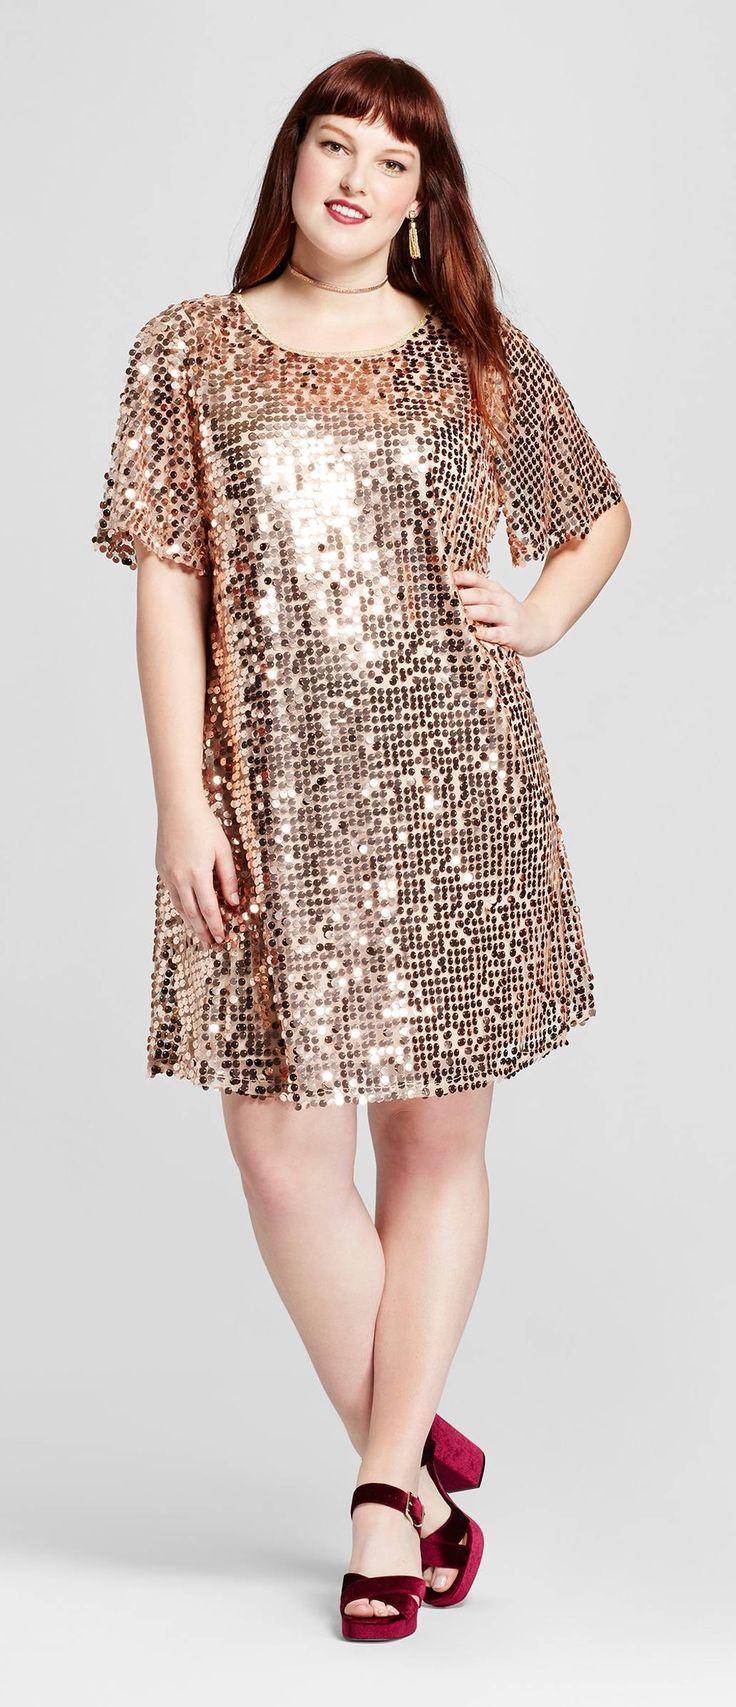 Plus Size Sequin Dress - Plus Size Party Dress – Plus Size Cocktail Dress #plussize